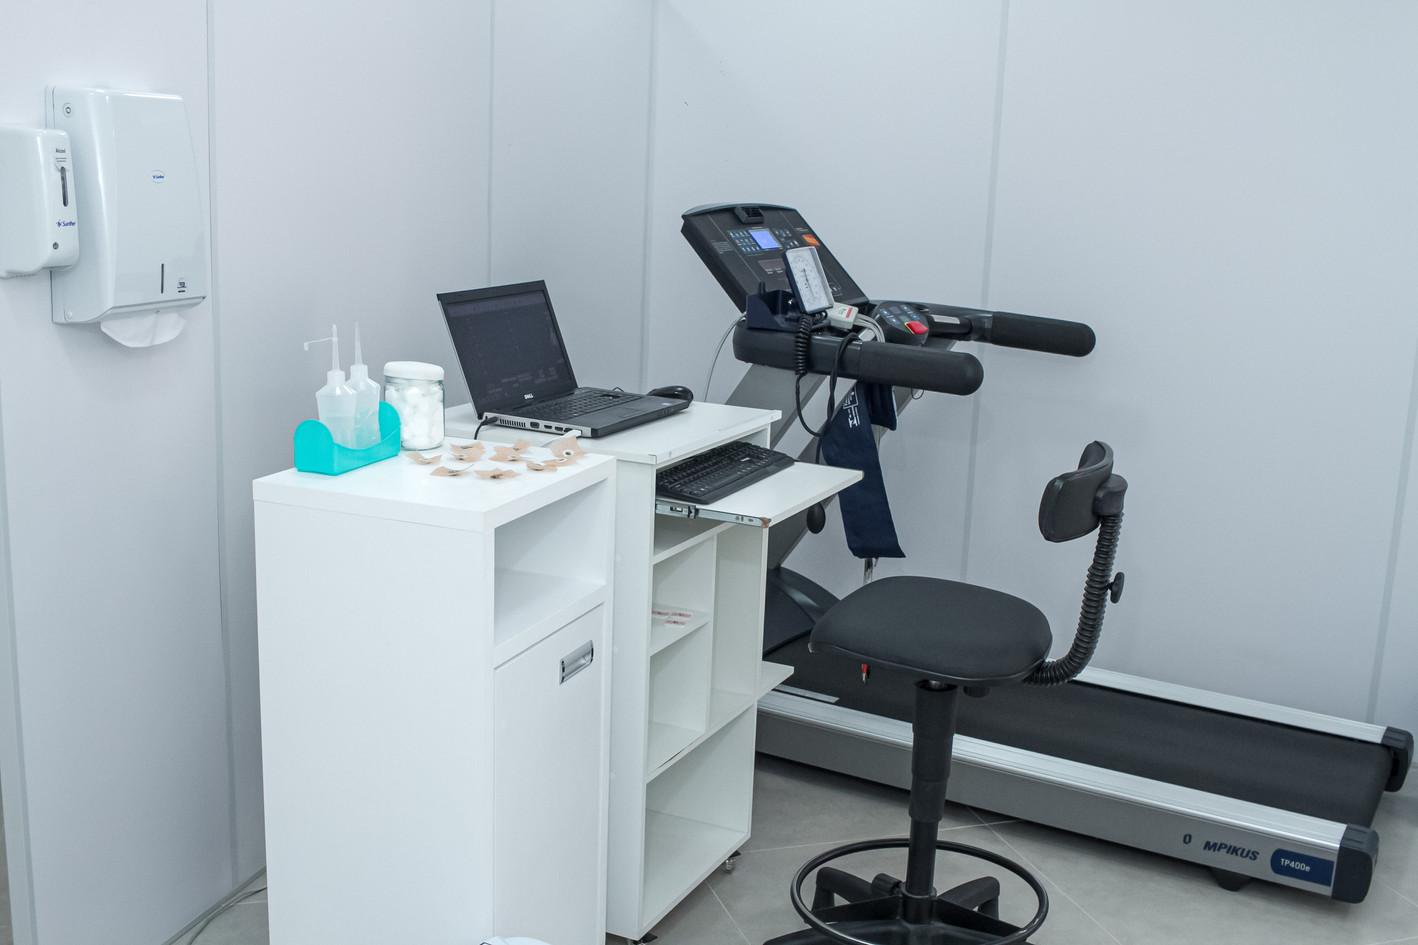 0060-CentroCor-Clinica-15052019-foto-sil